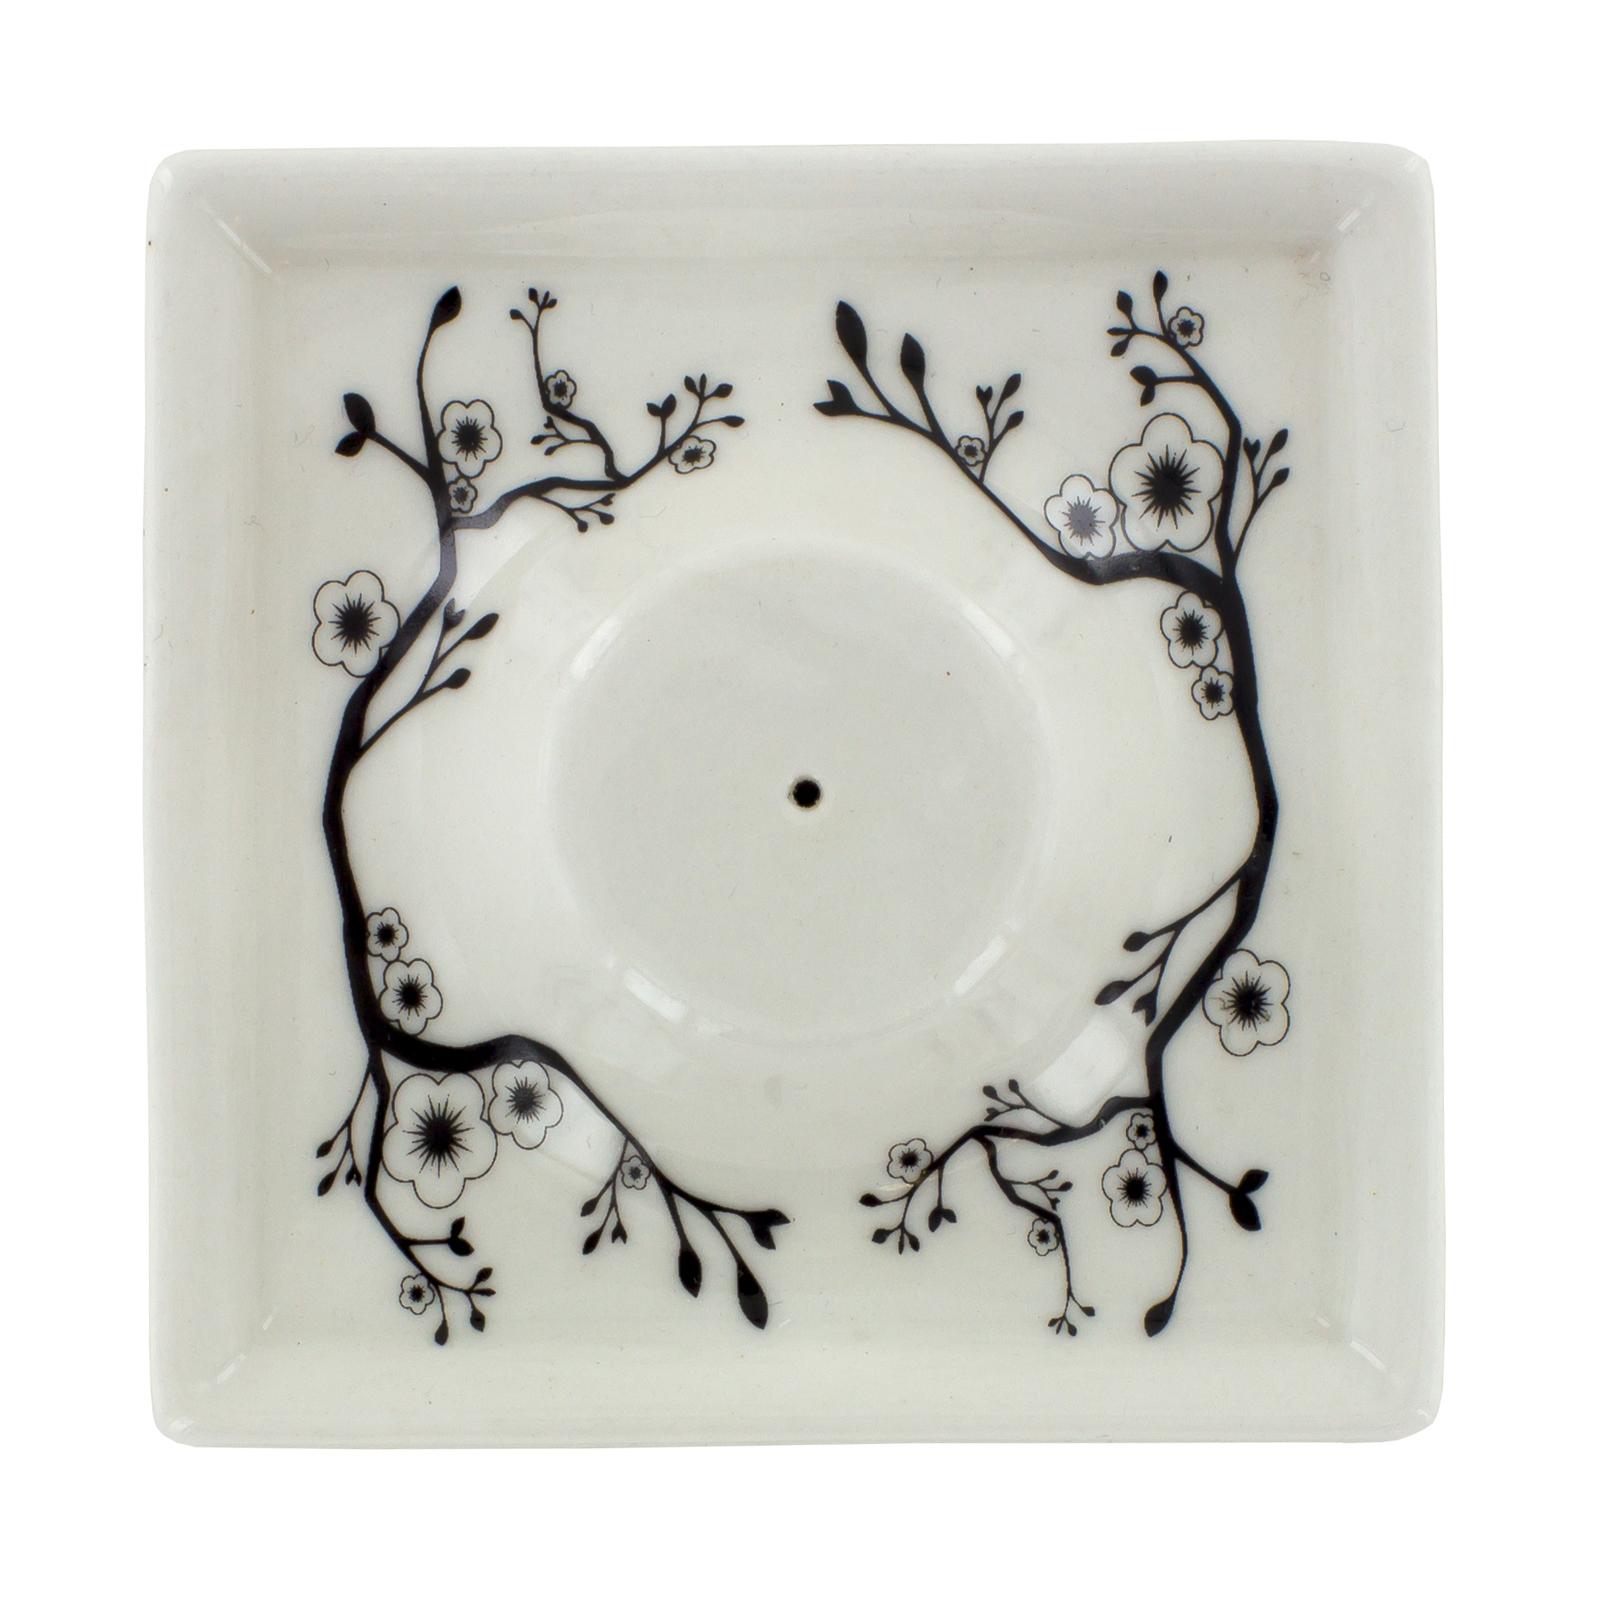 Керамическая пепельница-подставка для благовоний белая (Палочки-благовония)